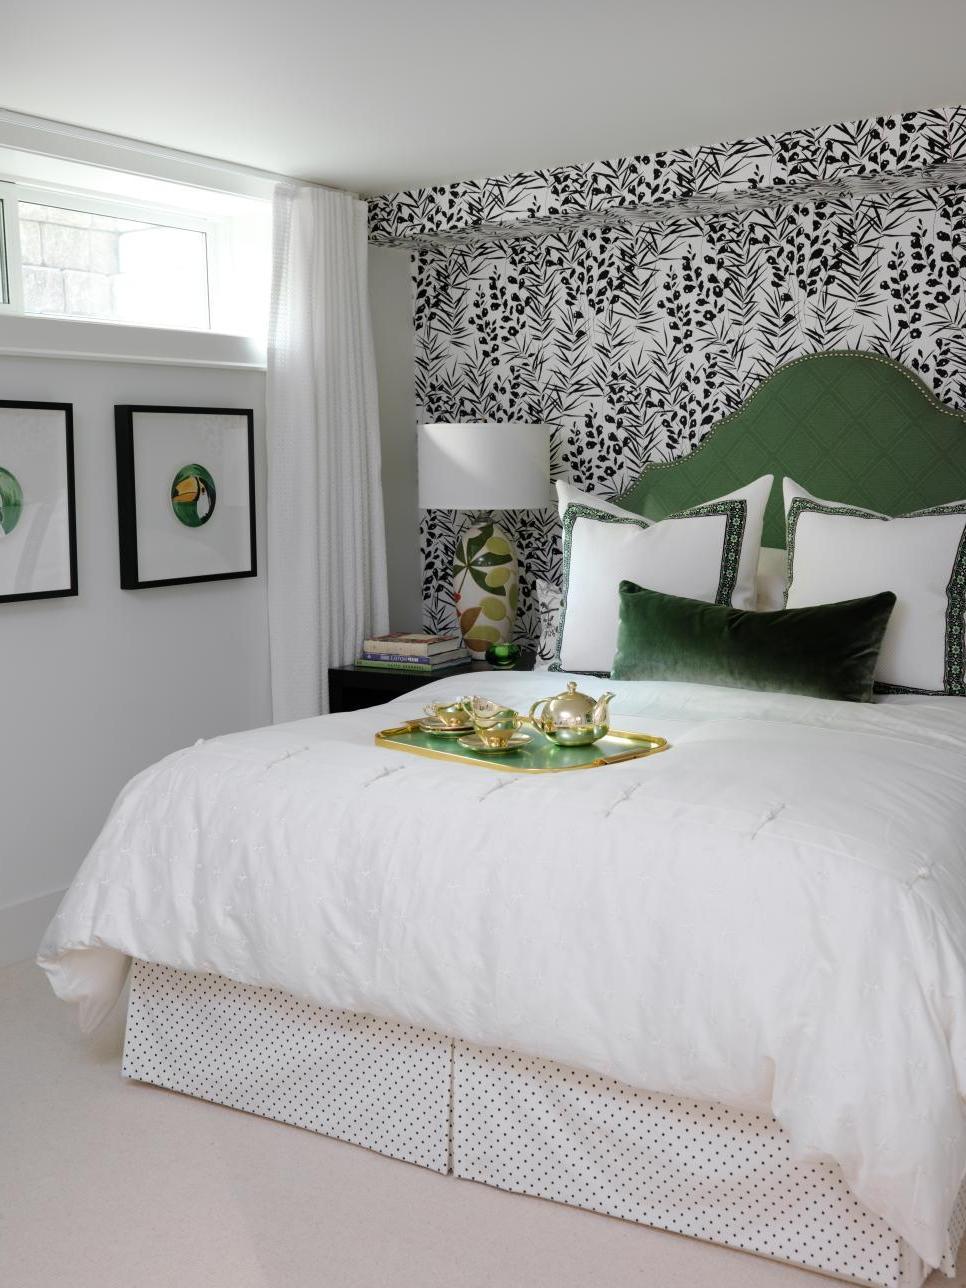 судоку игре в спальне над изголовьем кровати лучшие фотообои изготовления поделок